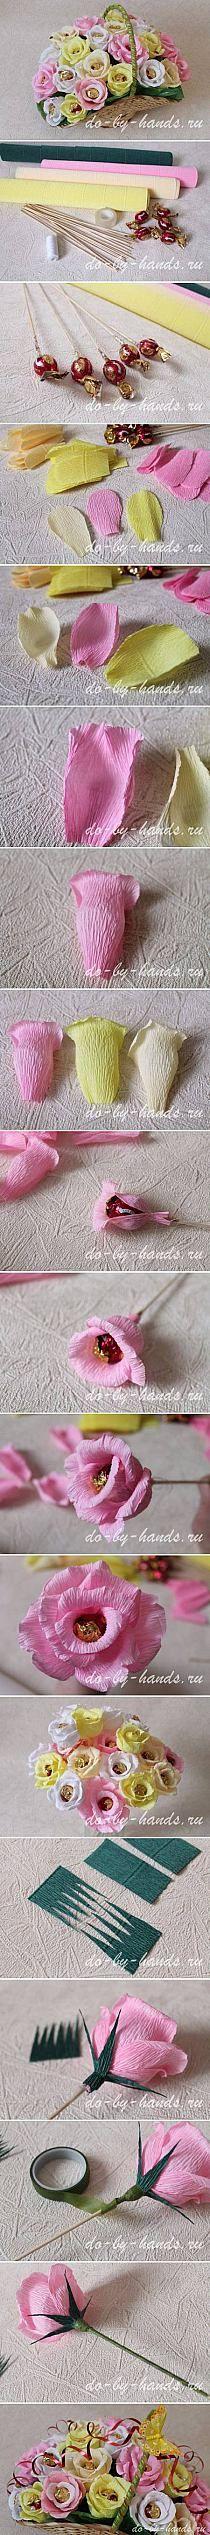 Psper crepe flower